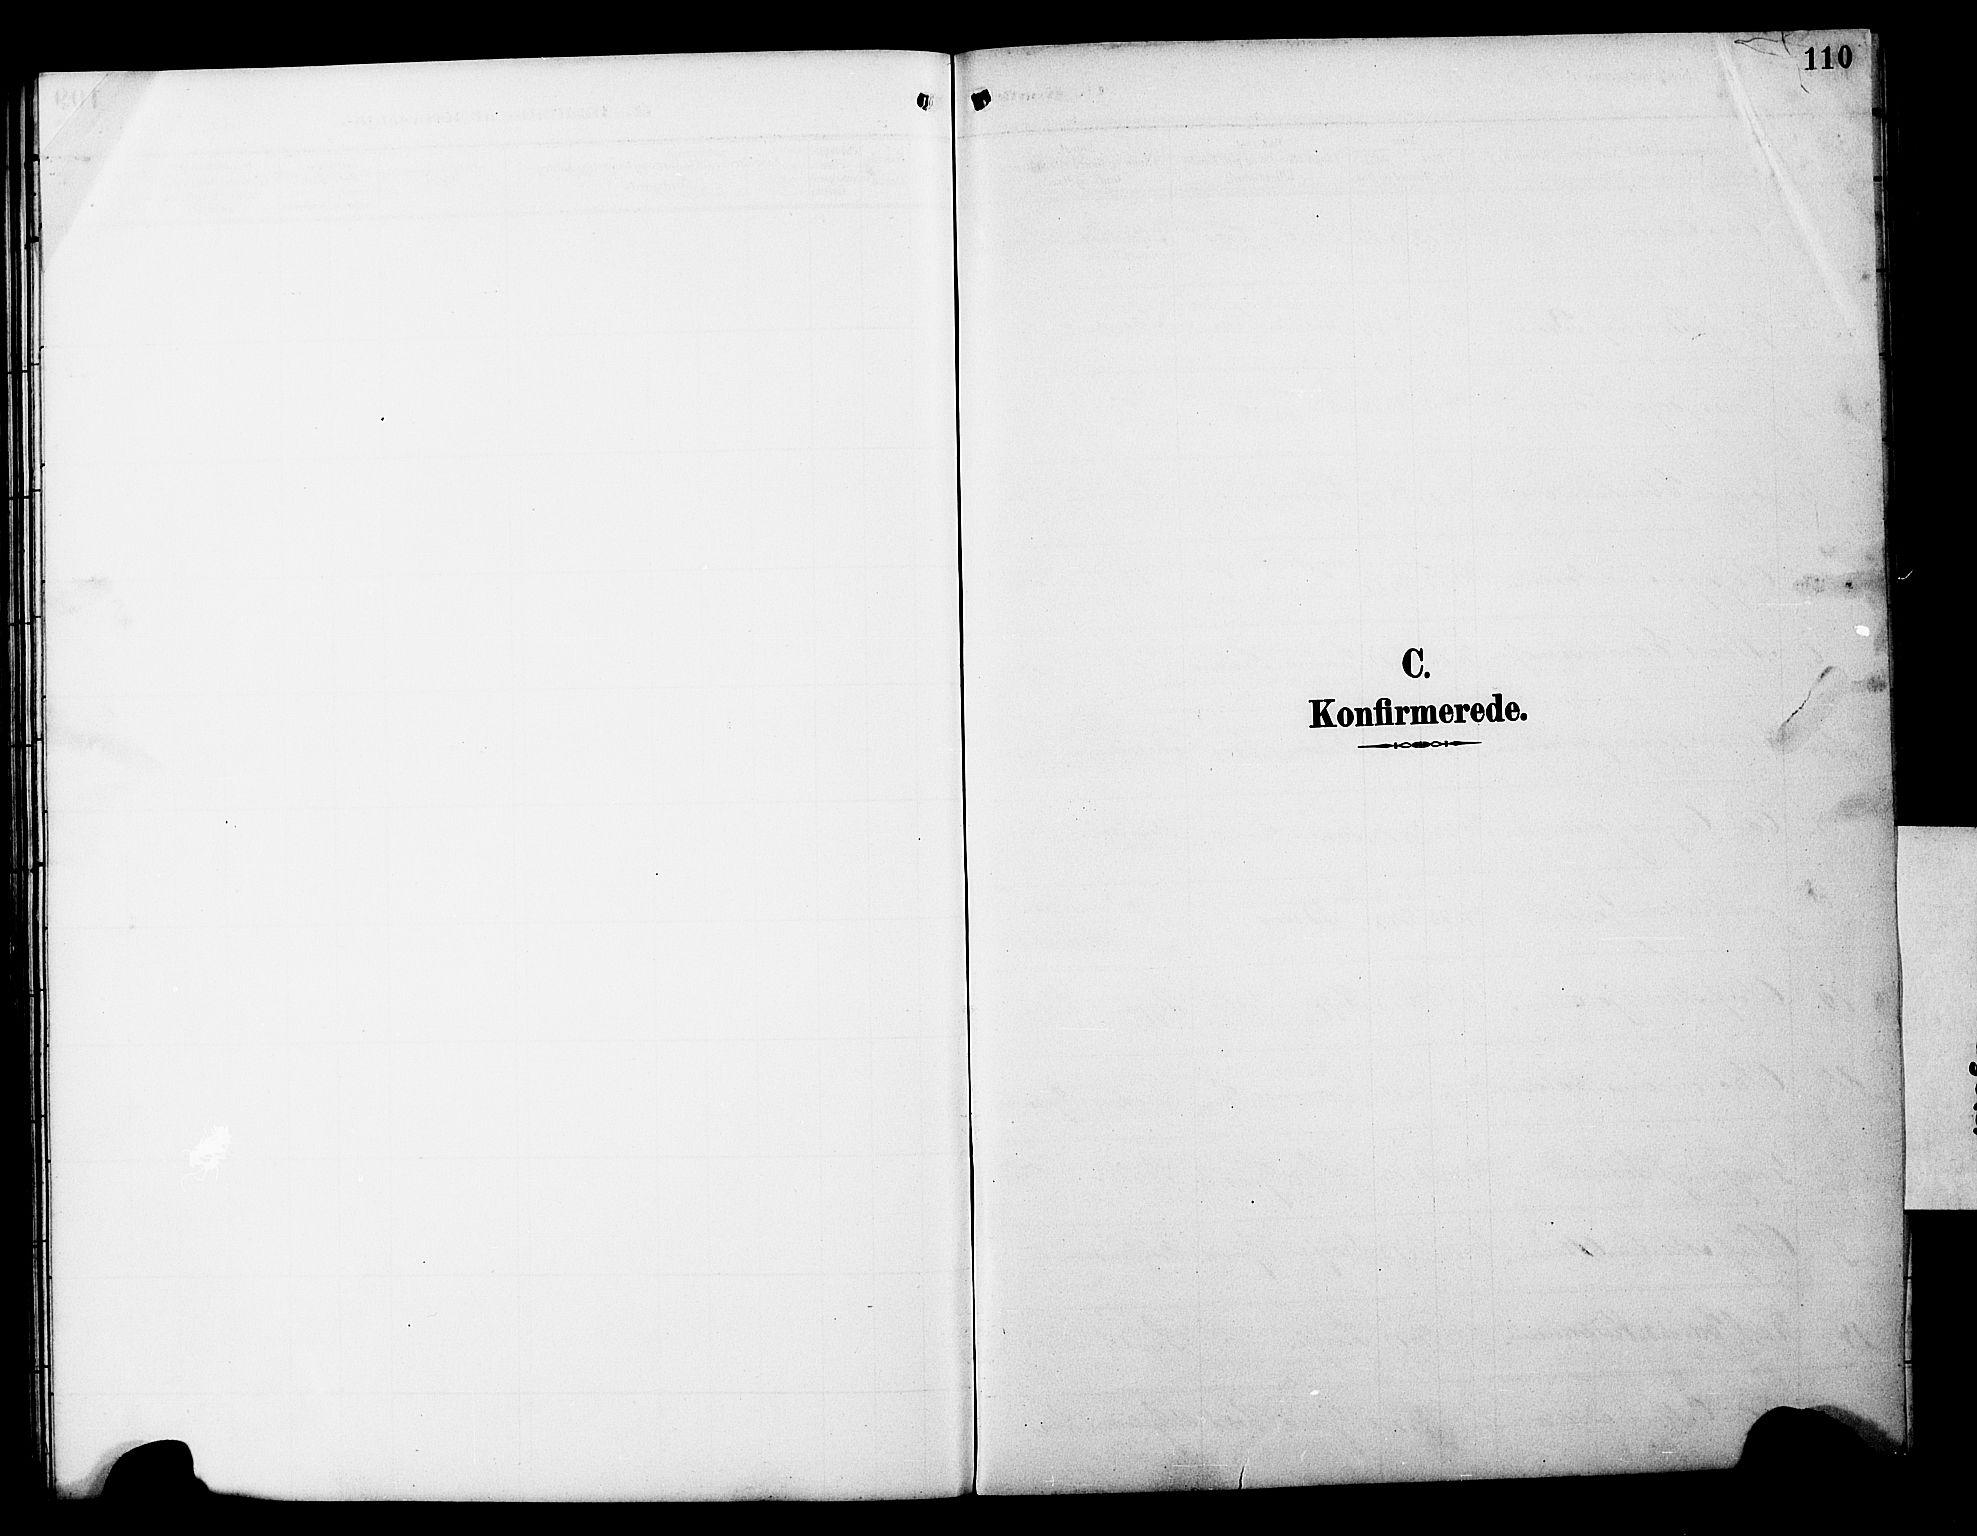 SAT, Ministerialprotokoller, klokkerbøker og fødselsregistre - Nord-Trøndelag, 788/L0701: Klokkerbok nr. 788C01, 1888-1913, s. 110